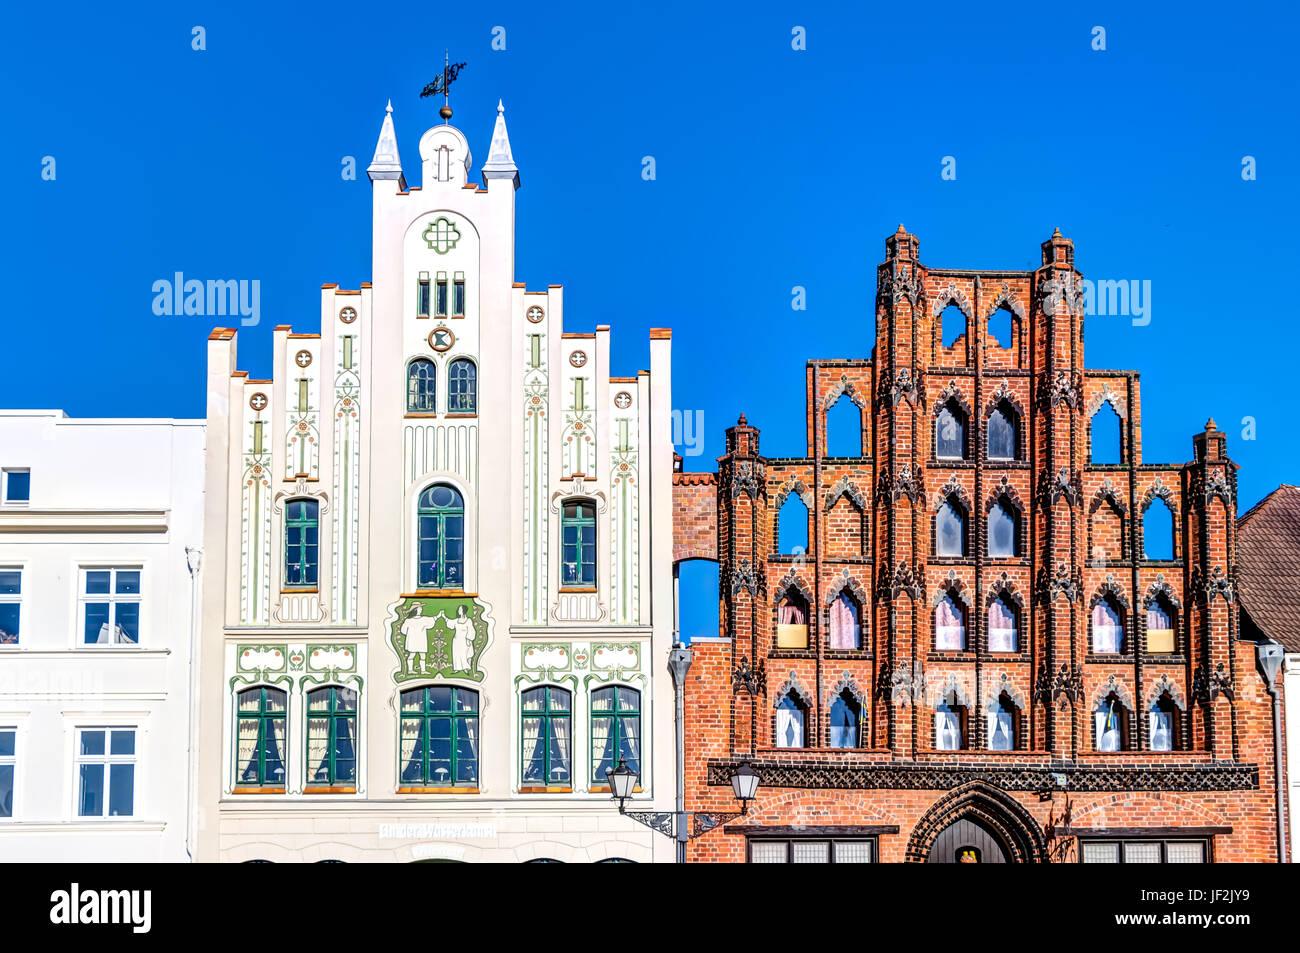 Market in the Hanseatic city Wismar - Stock Image